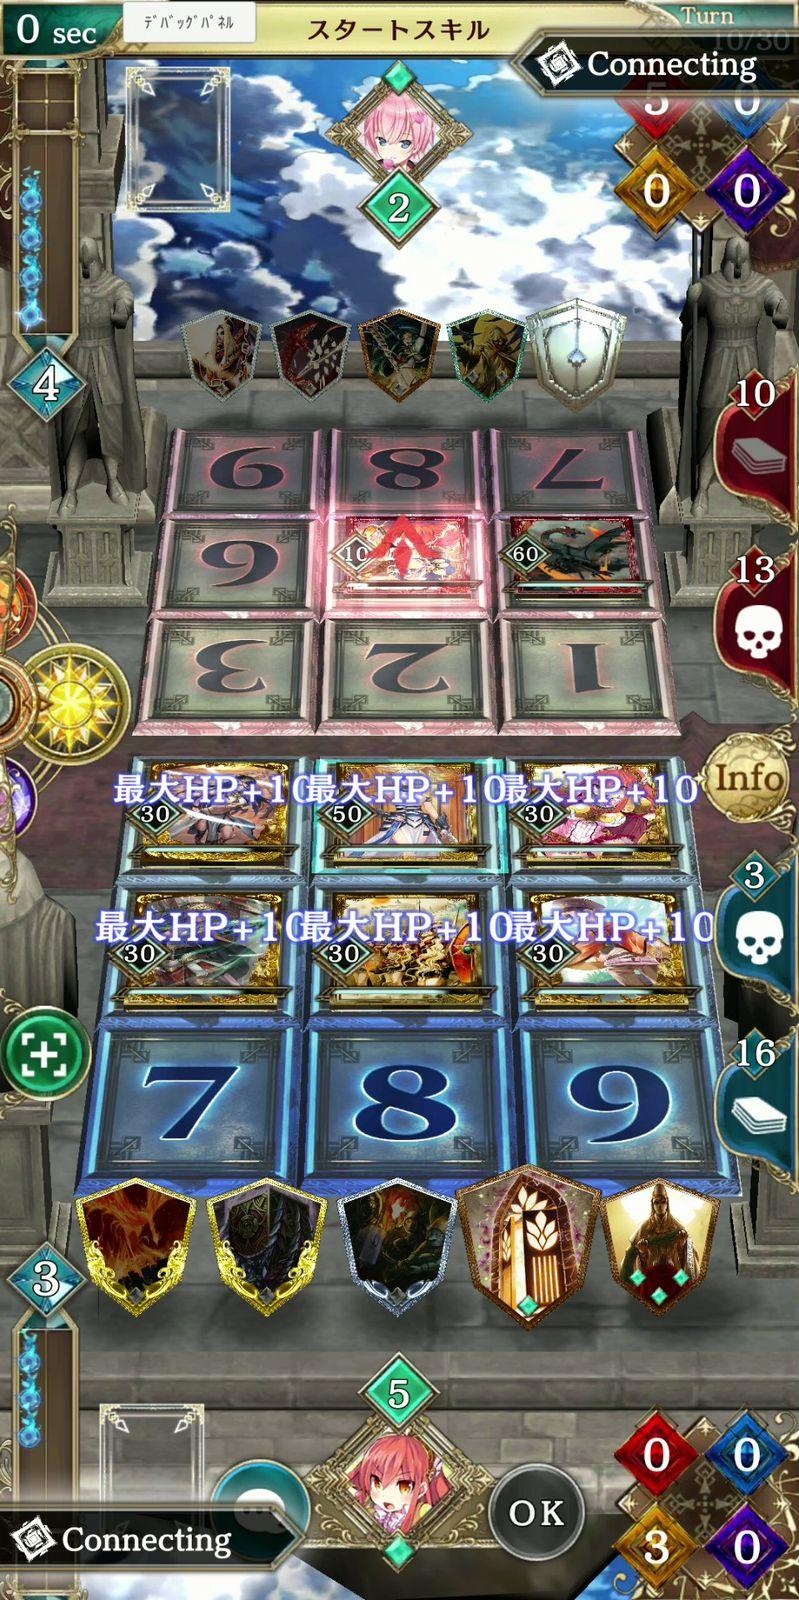 アルネオ【攻略】: 初心者にもおすすめ!「聖域攻防戦」版神殿騎士デッキ解説